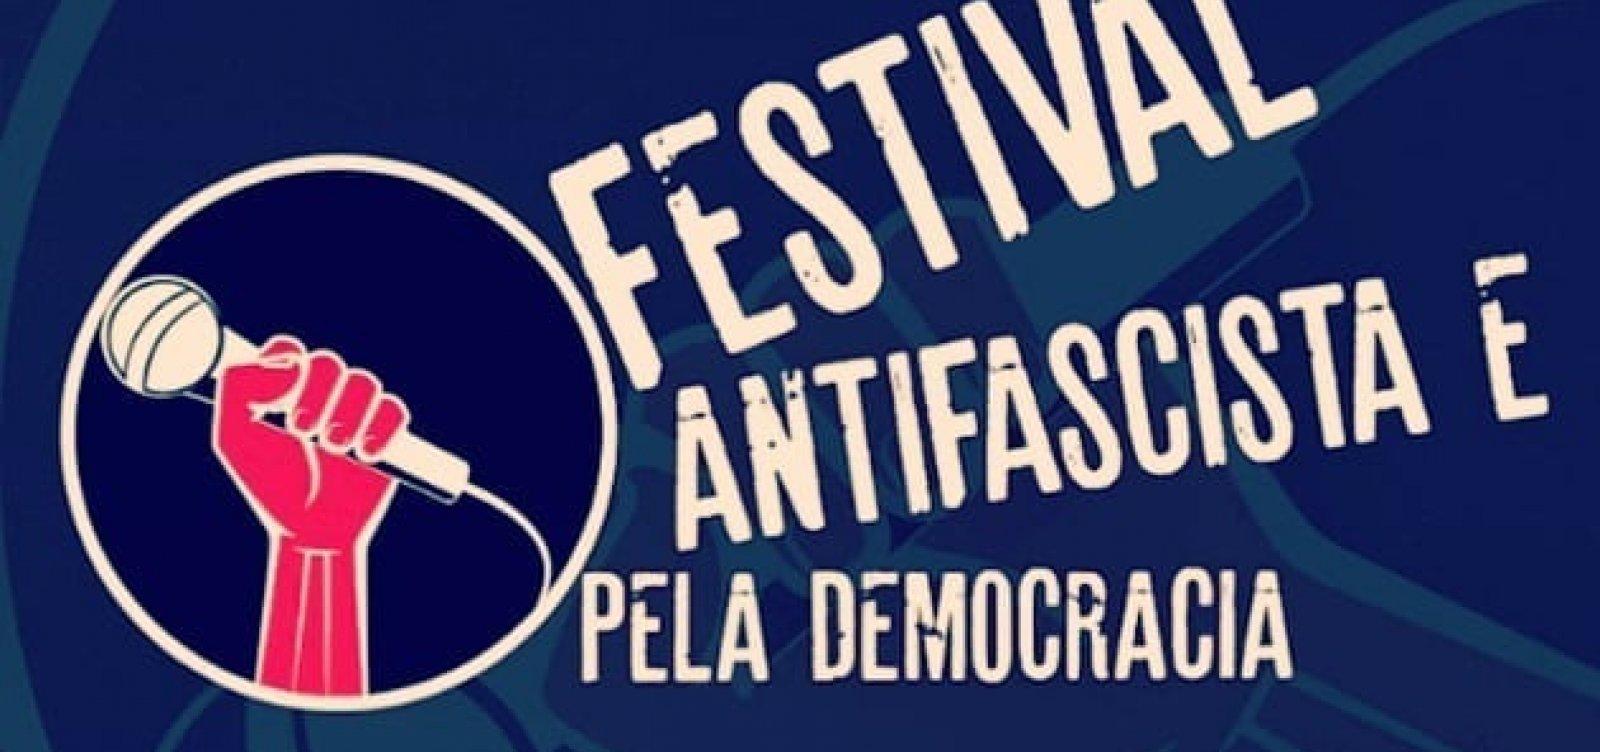 Festival de Jazz do Capão: Parecerista diz que emitiu análises favoráveis ao evento